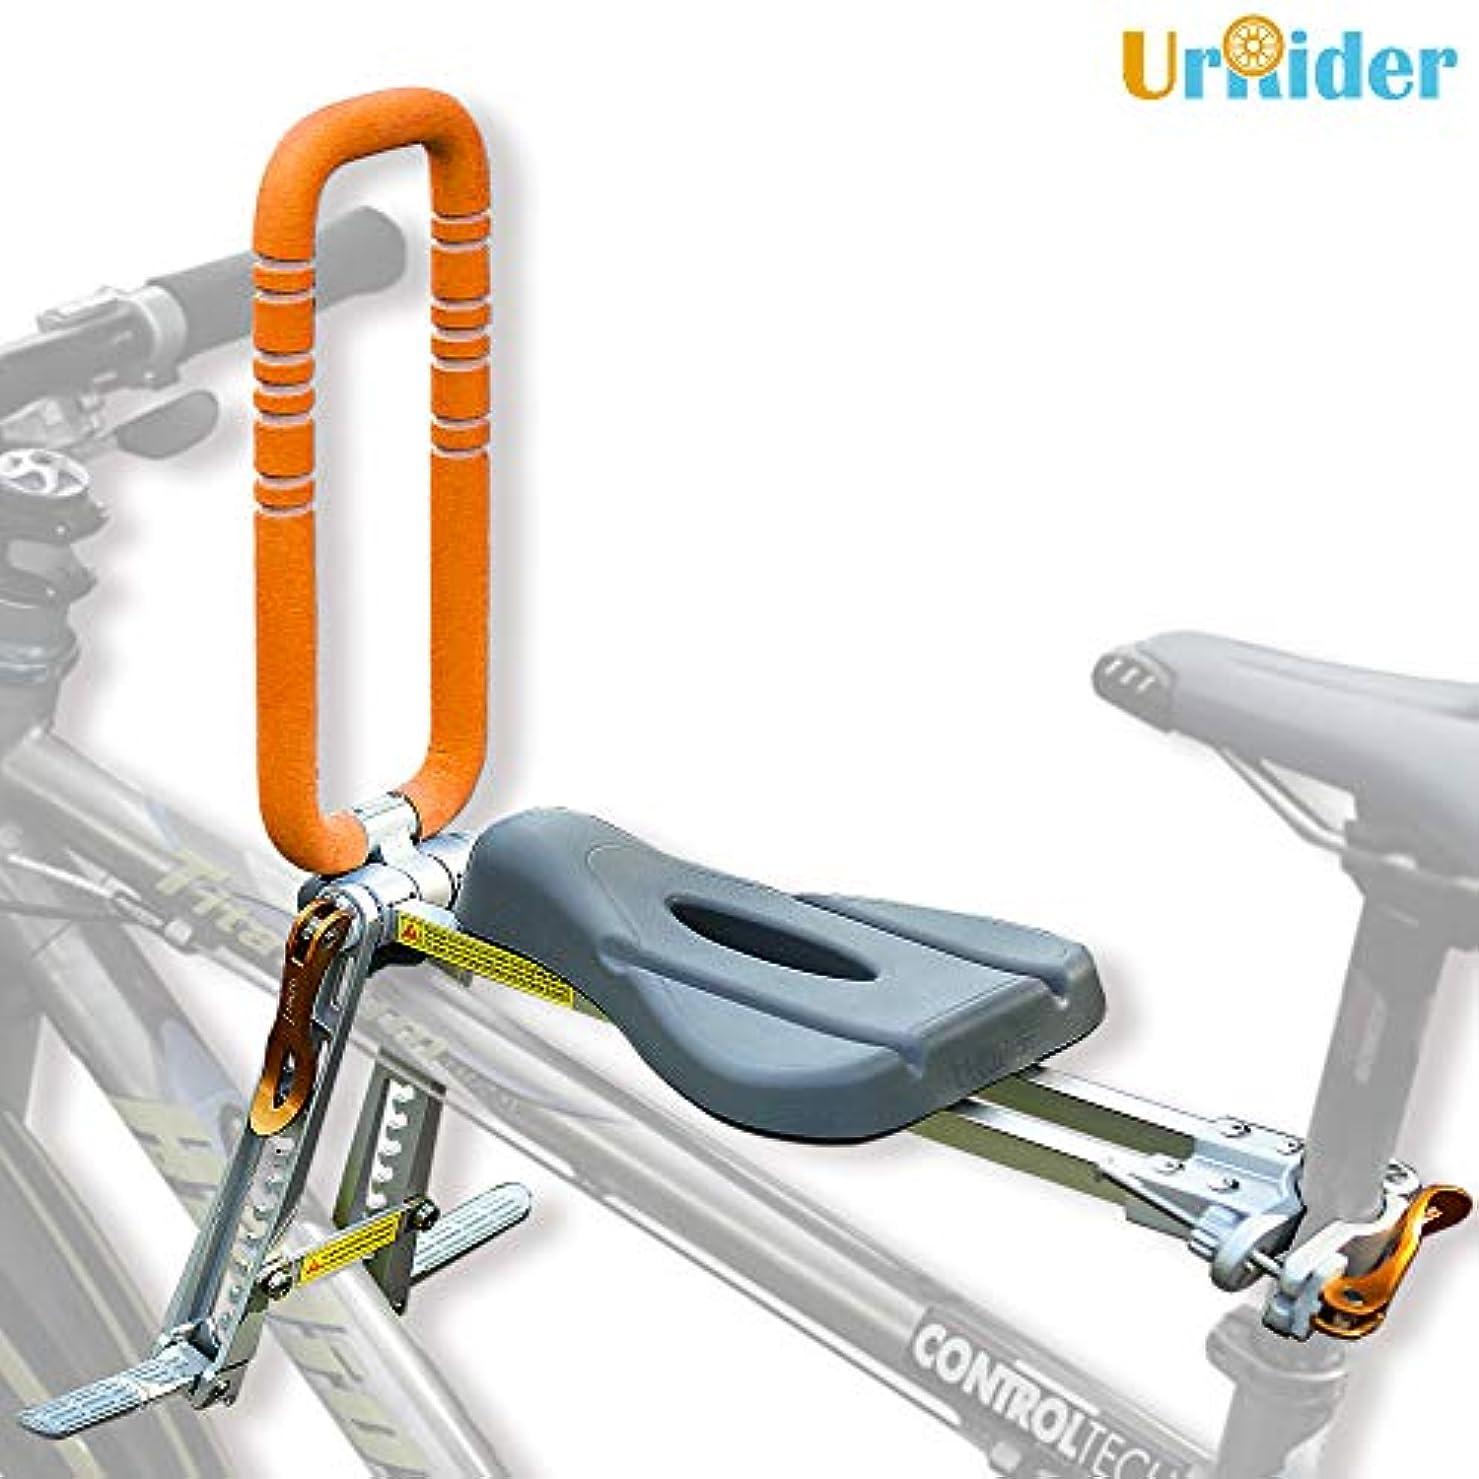 劇場受賞ポスト印象派UrRiderは航空アルミ合金で作ったから、軽く持ち易い自転車用の子 供シートである。マウンテンバイクや、クロスバイクなど適用可能。